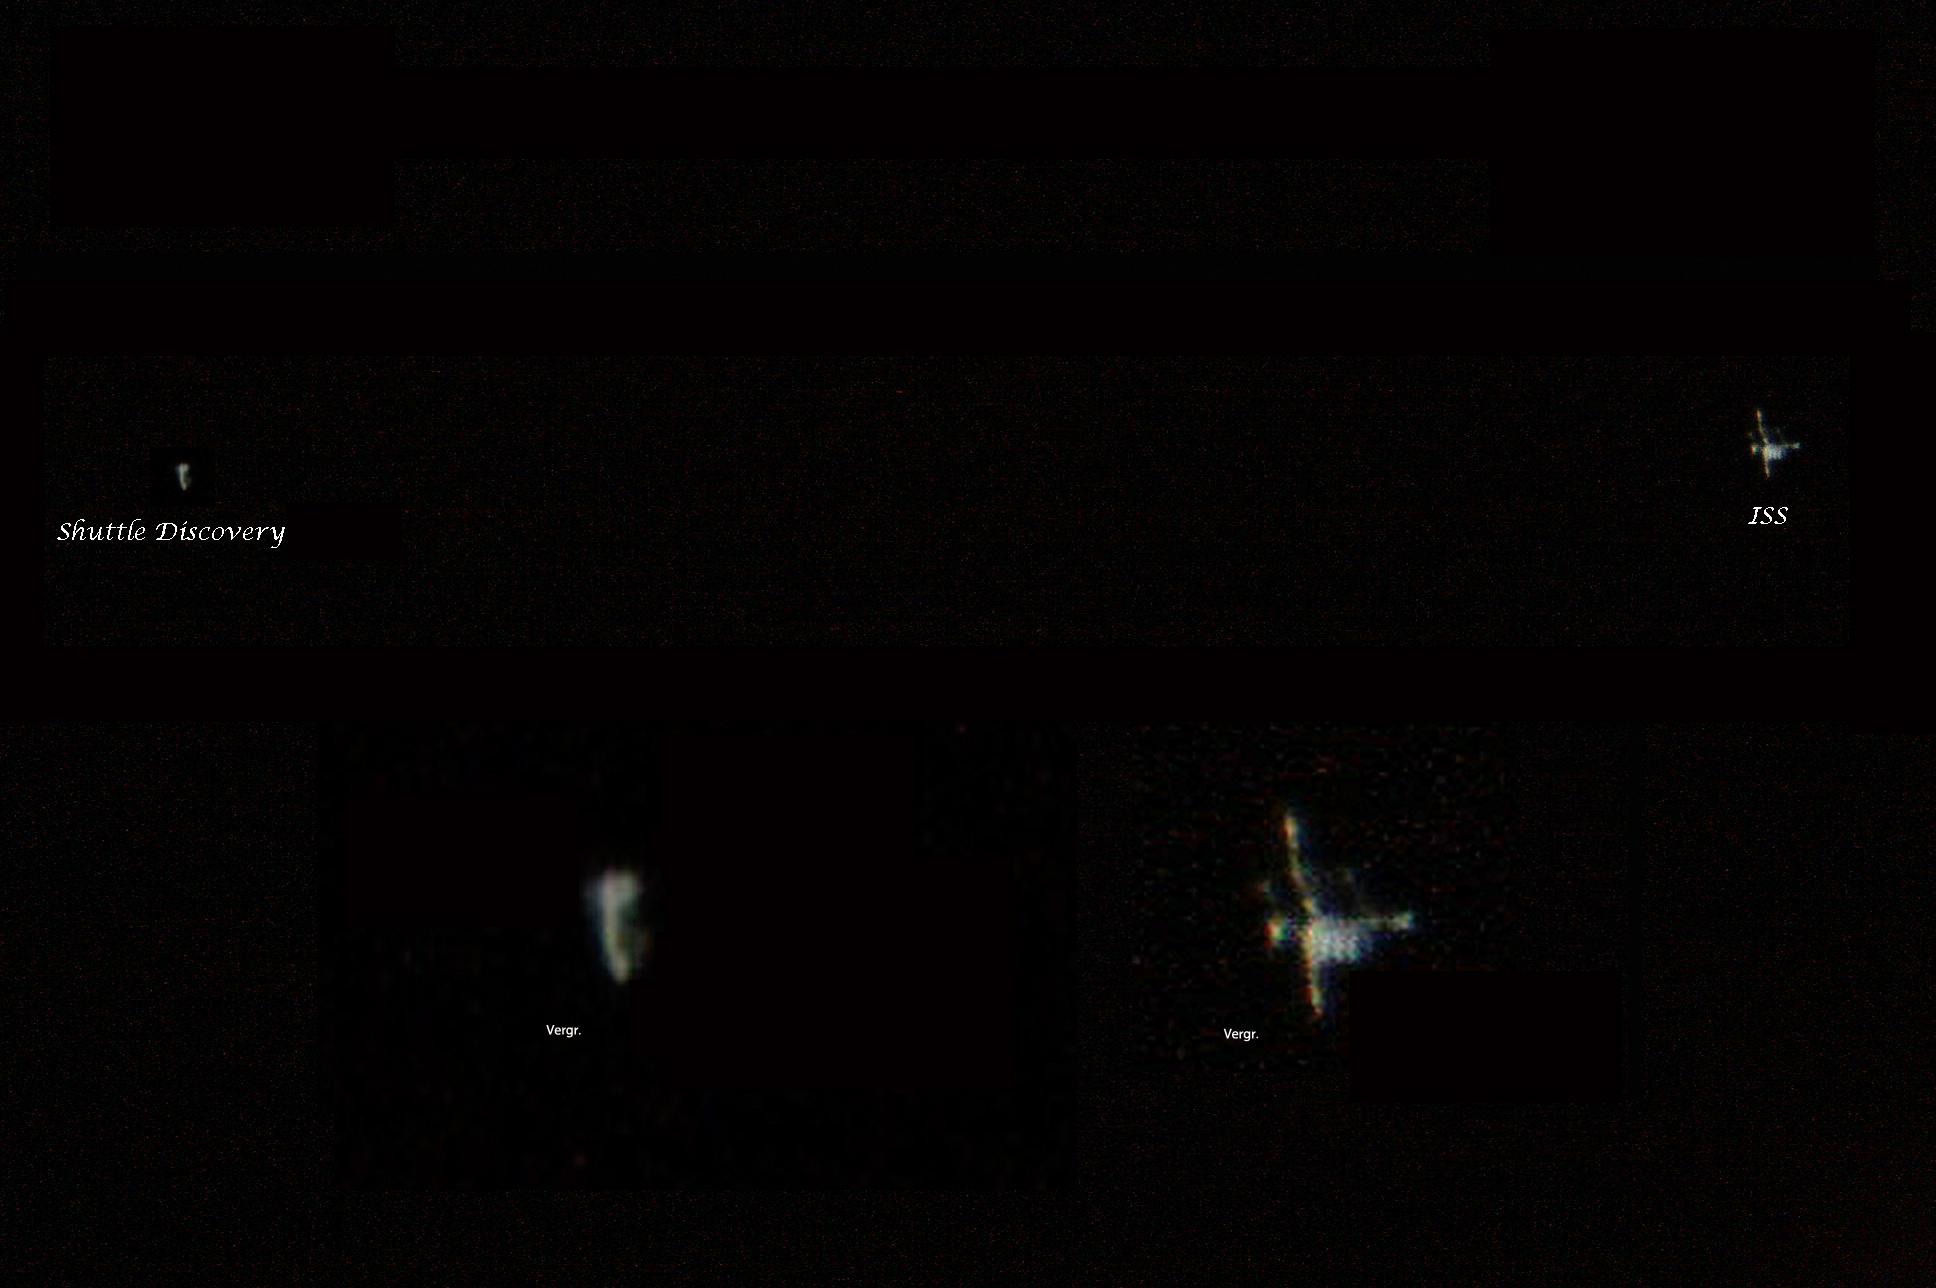 ISS und Shuttle_07_03_2011